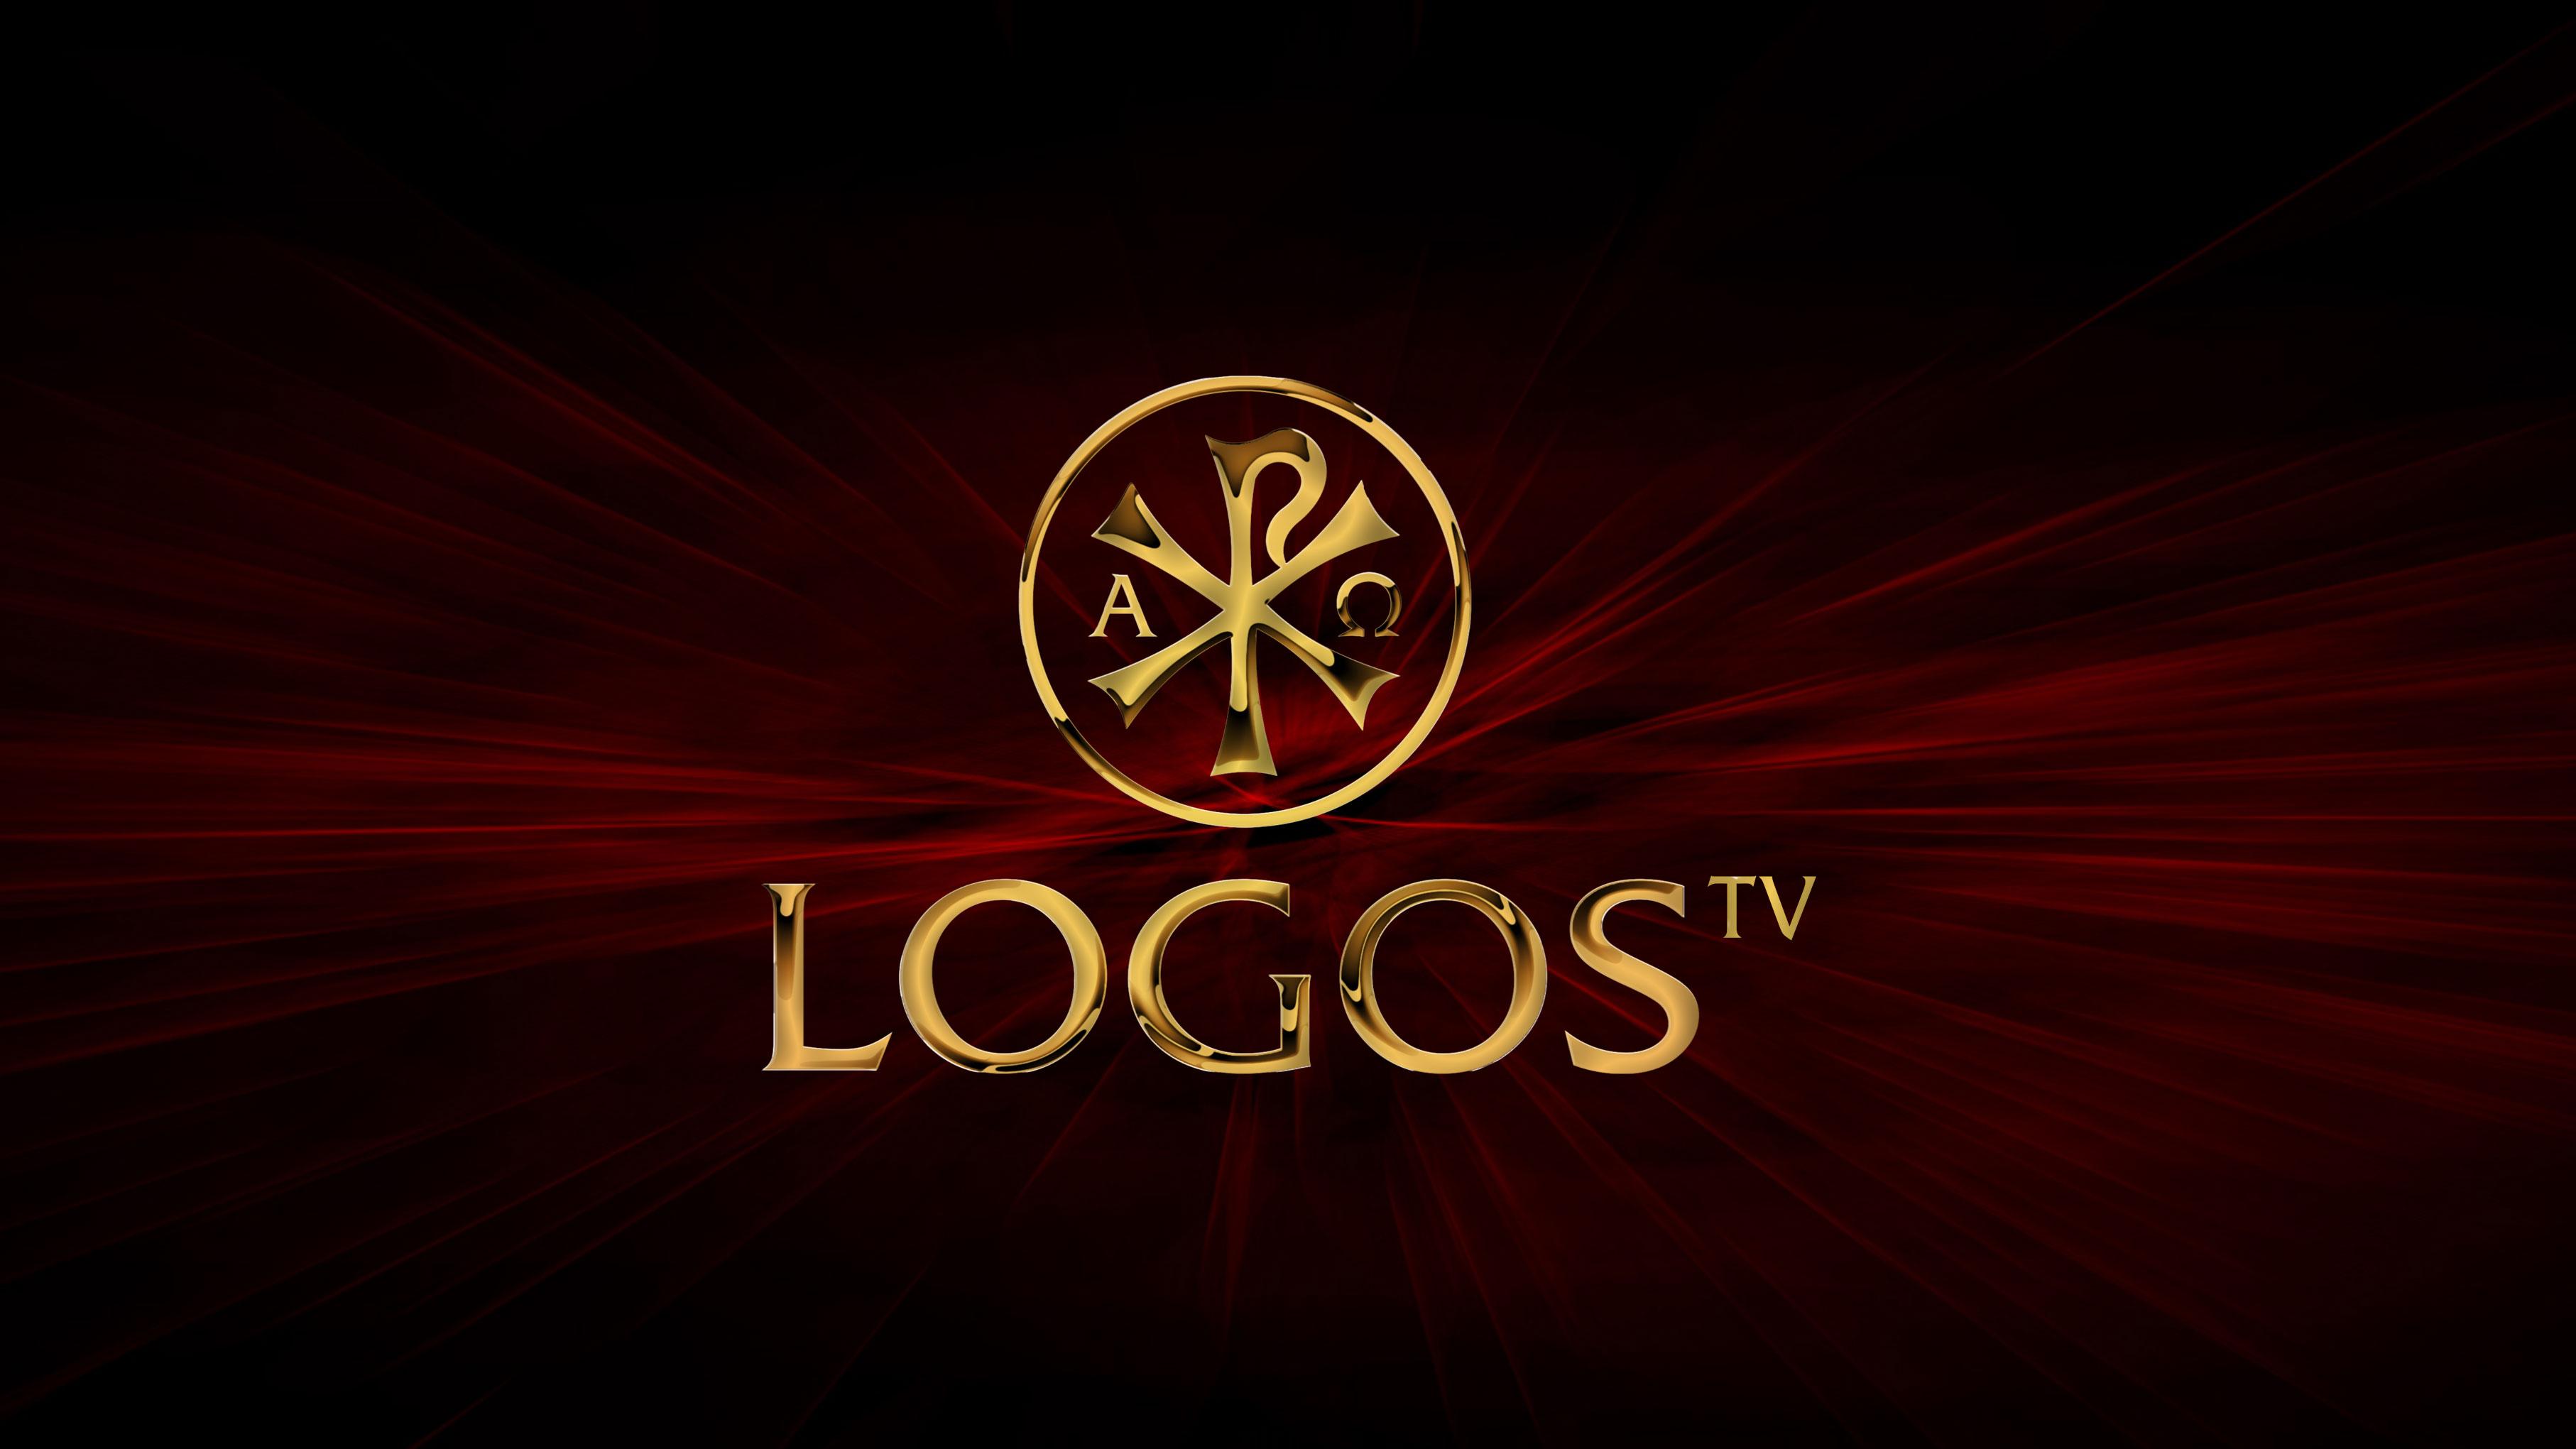 Logos.TV